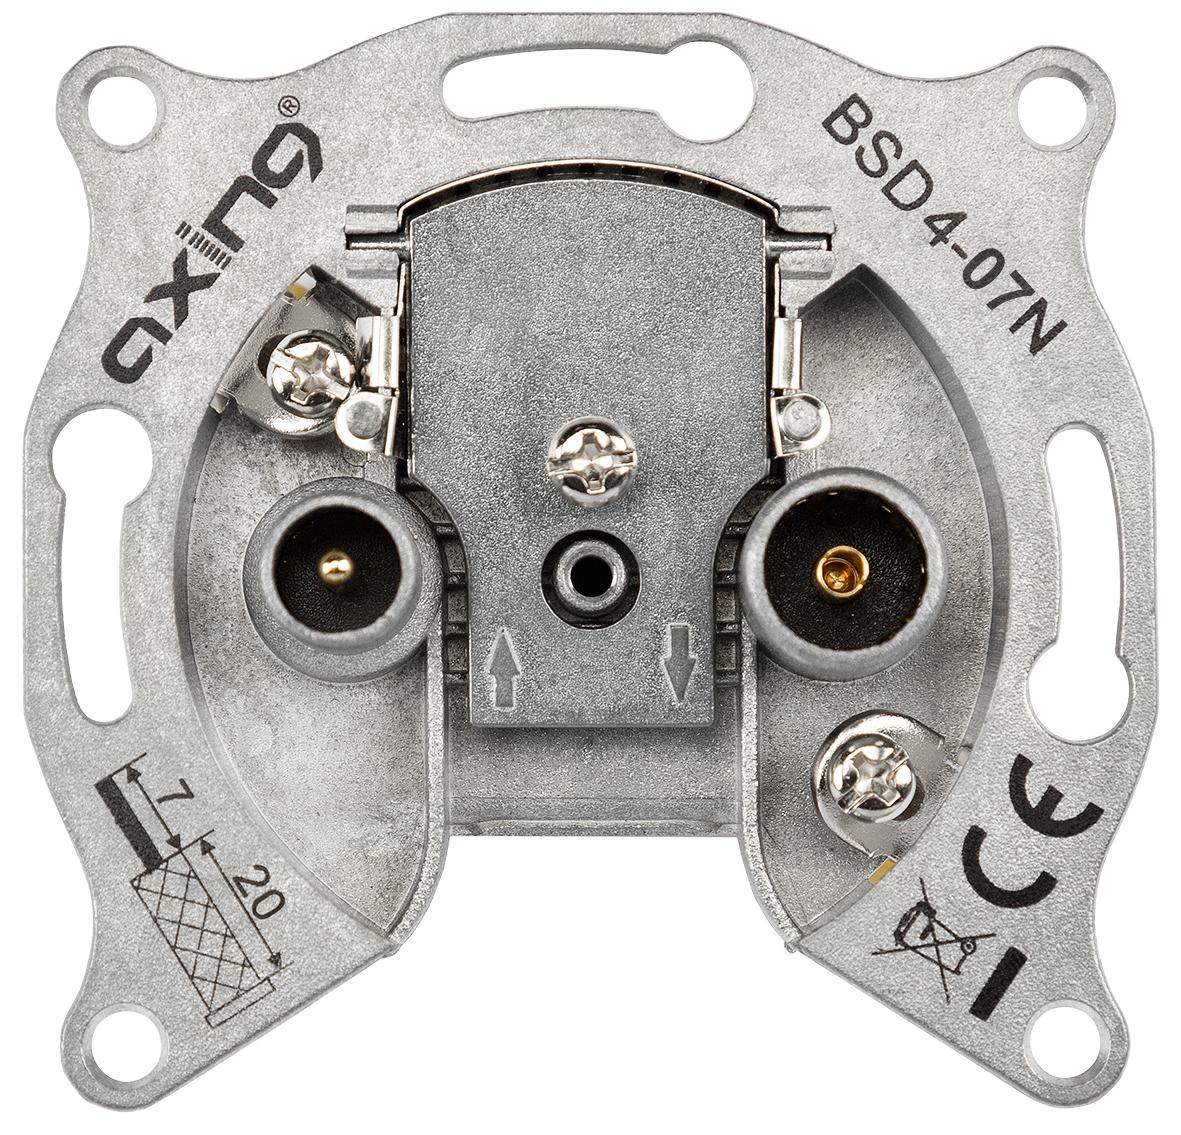 1 Stk BK Durchgangsdose 2-Loch,Radio/CATV,  7dB, o.Rahmen,BSD 4-07 HSBKDDA07-